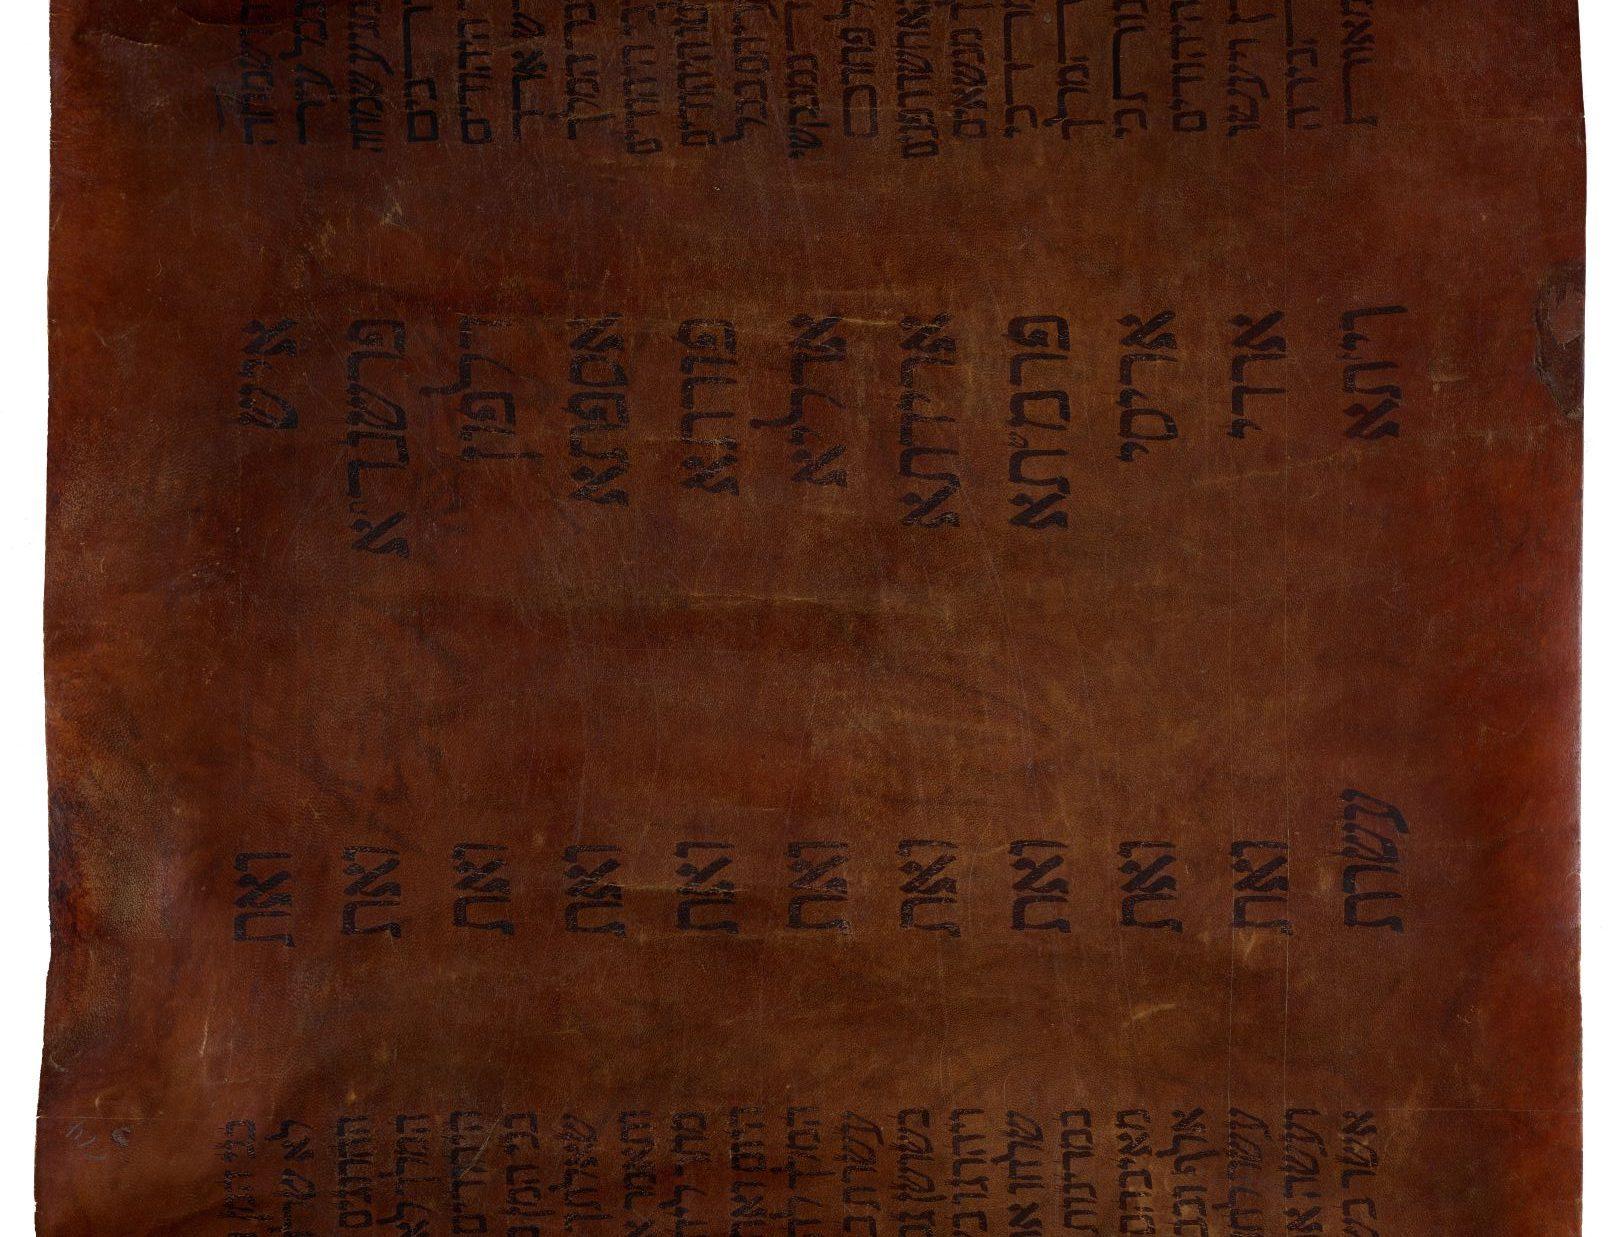 La Biblioteca Nacional de Israel recibe uno de los rollos del Libro de Esther más antiguos del mundo